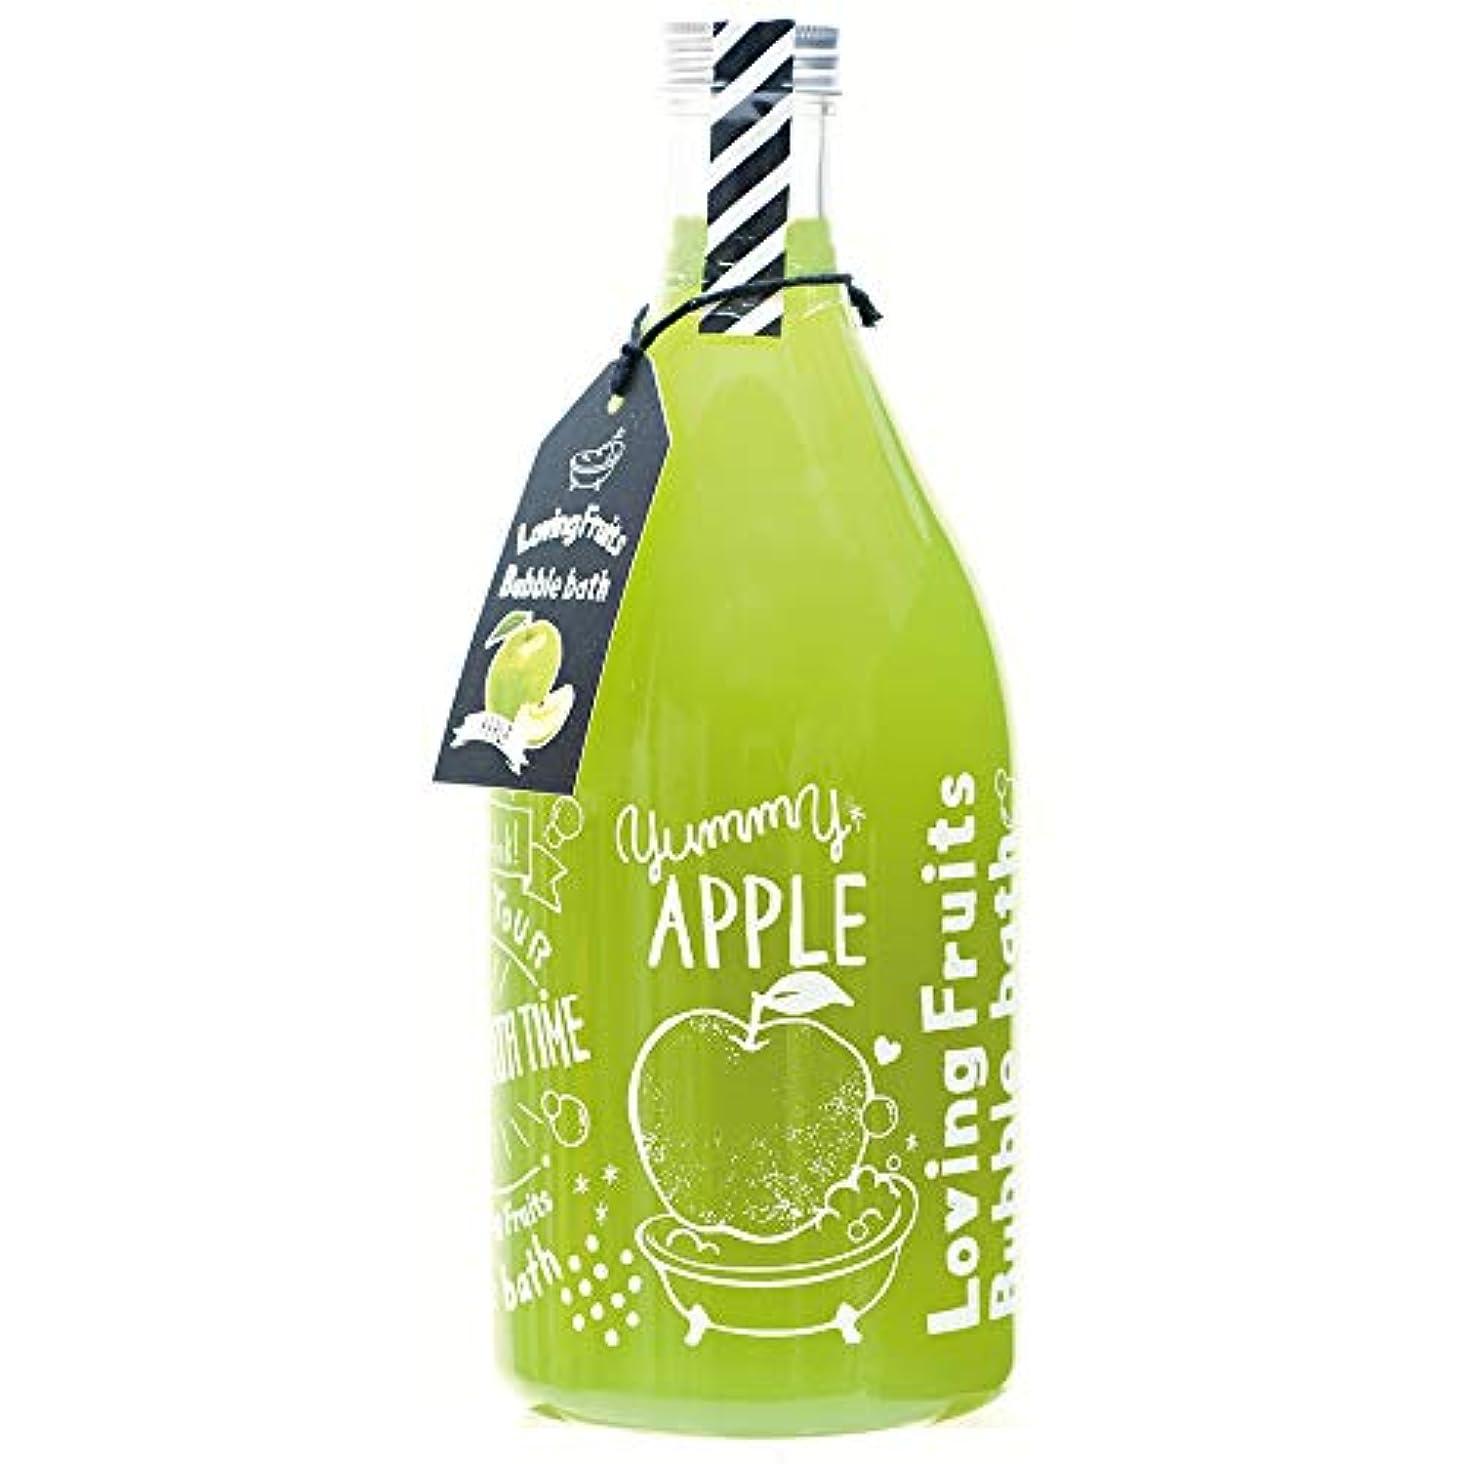 休み初期の去るノルコーポレーション バスジェル ラビングフルーツバブルバス OB-LFS-1-4 入浴剤 アップルの香り 750ml